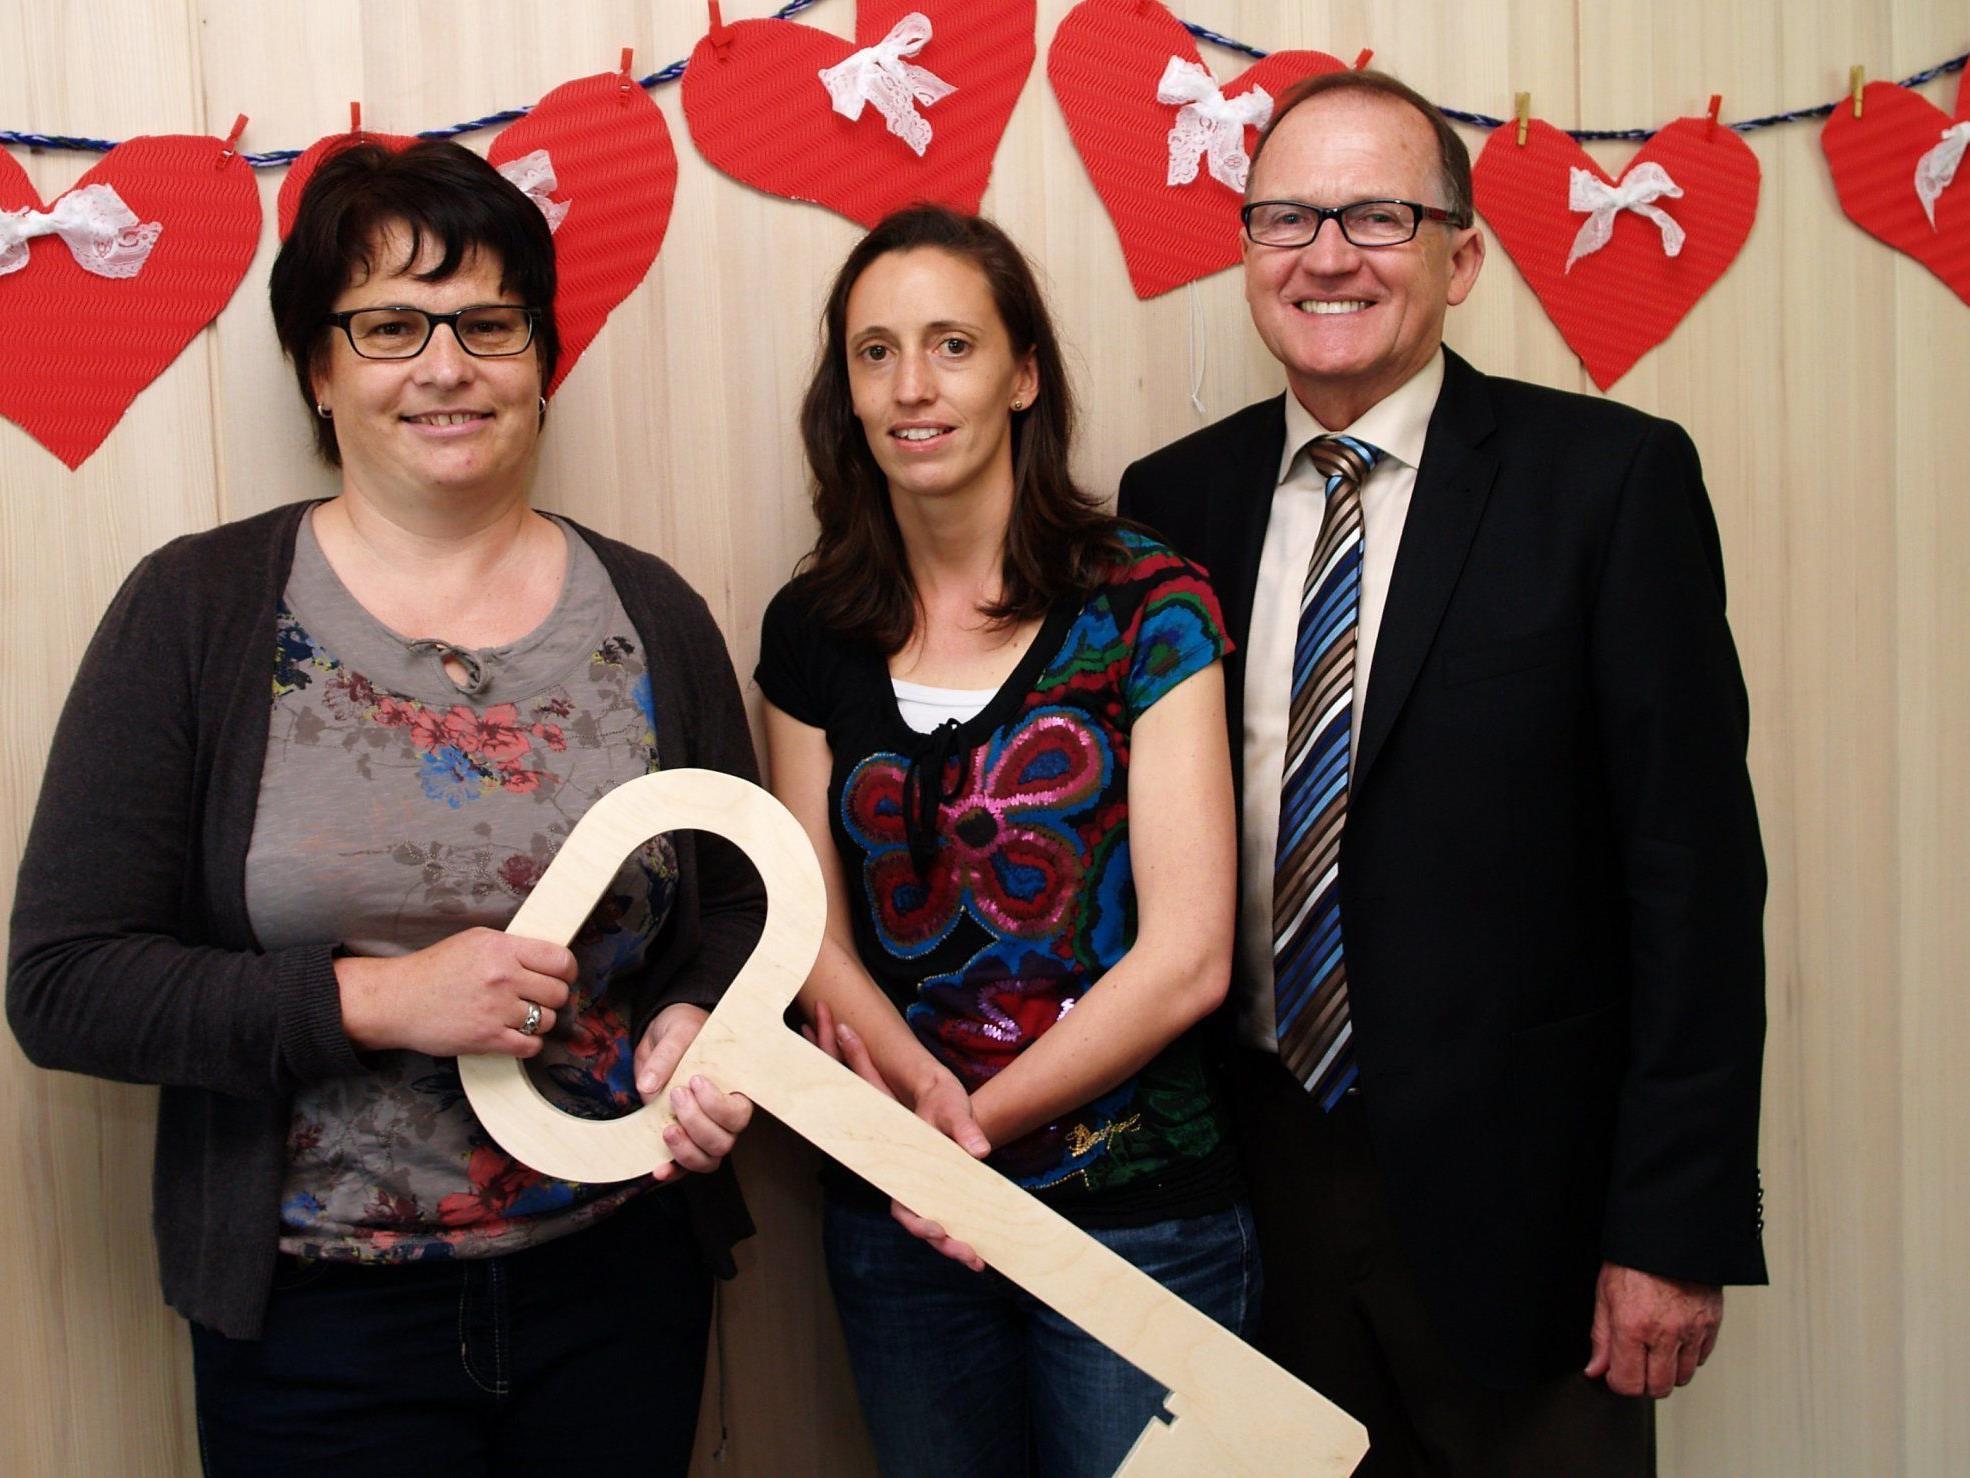 Bürgermeister Norbert Mähr mit Leiterin Julia Profunser und Petra Lang bei der Eröffnung des neuen Kindergartens.